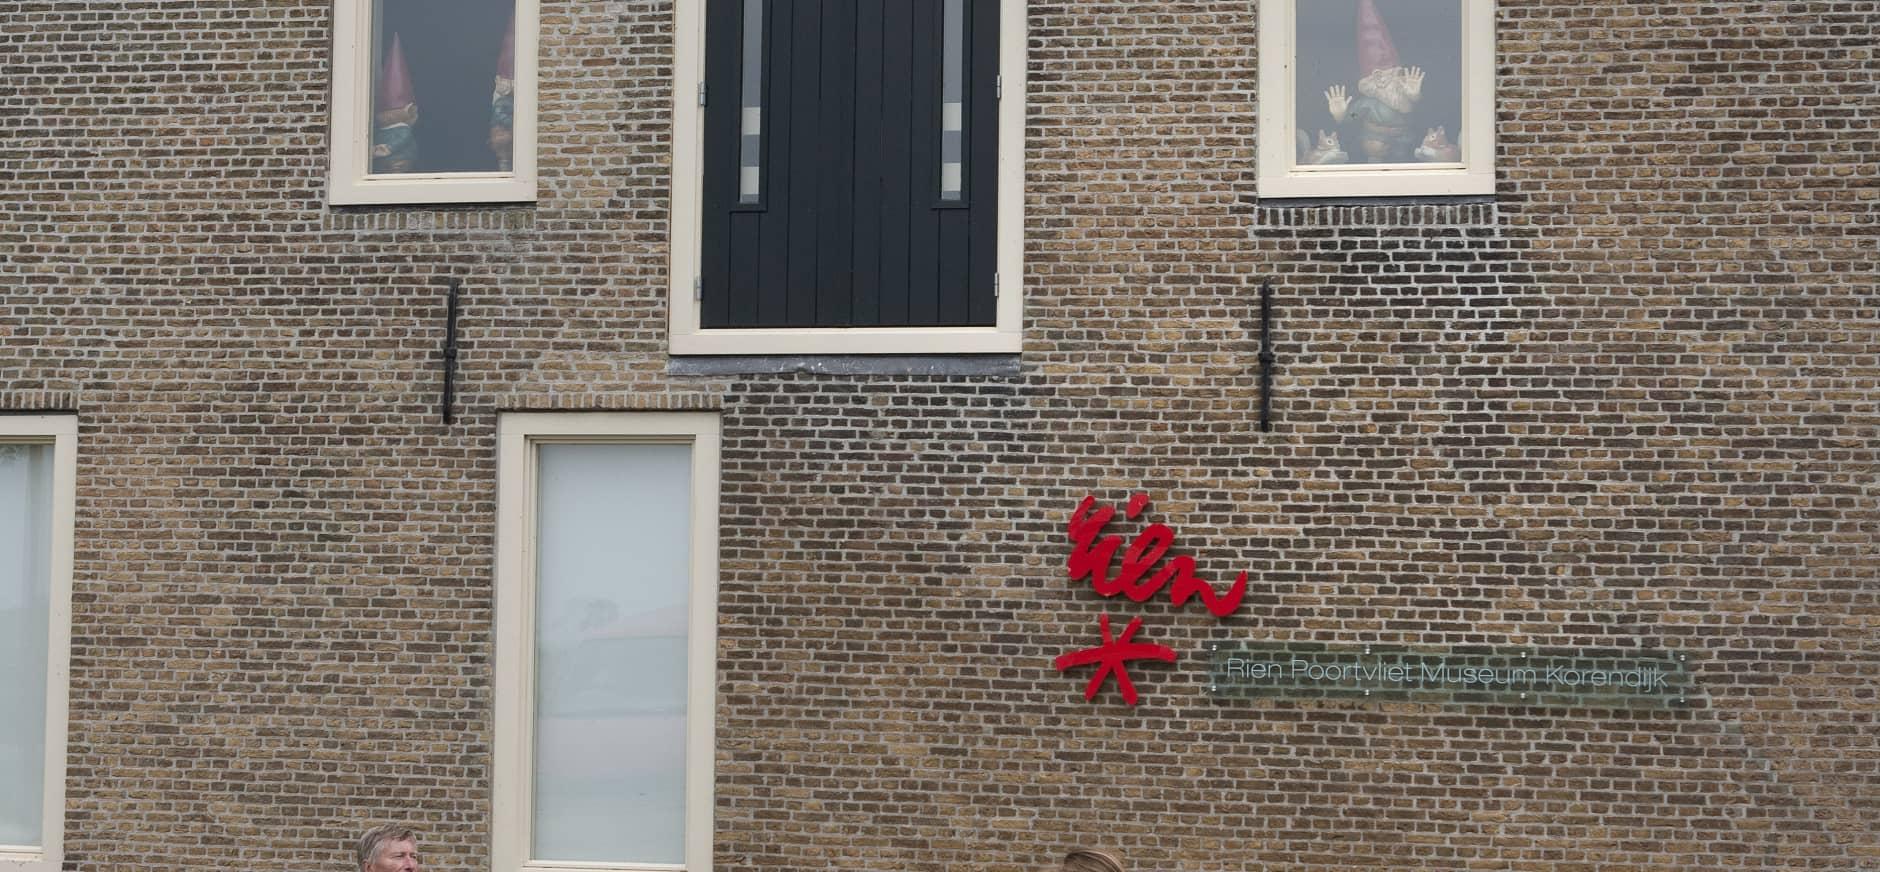 Rien Poortvliet Museum Korendijk